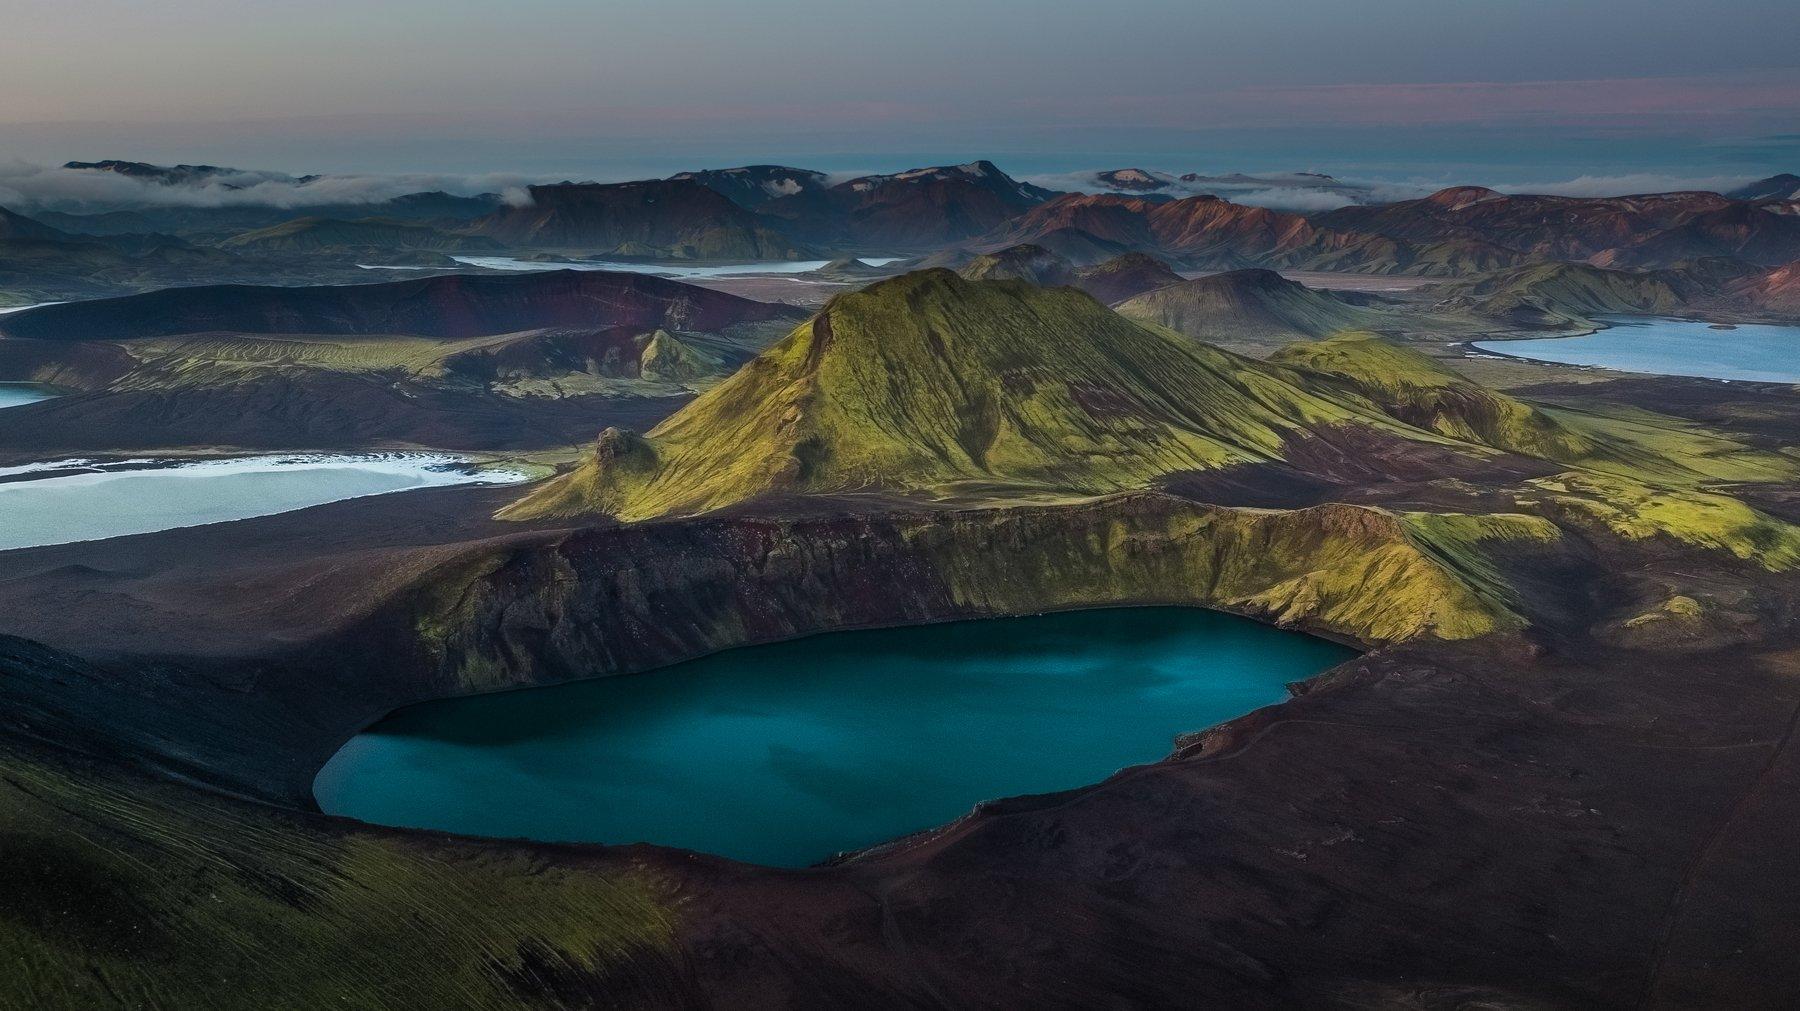 bláhyliur,аэрофотосъёмка,пейзаж,горы,исландия, Stepanov Ruslan